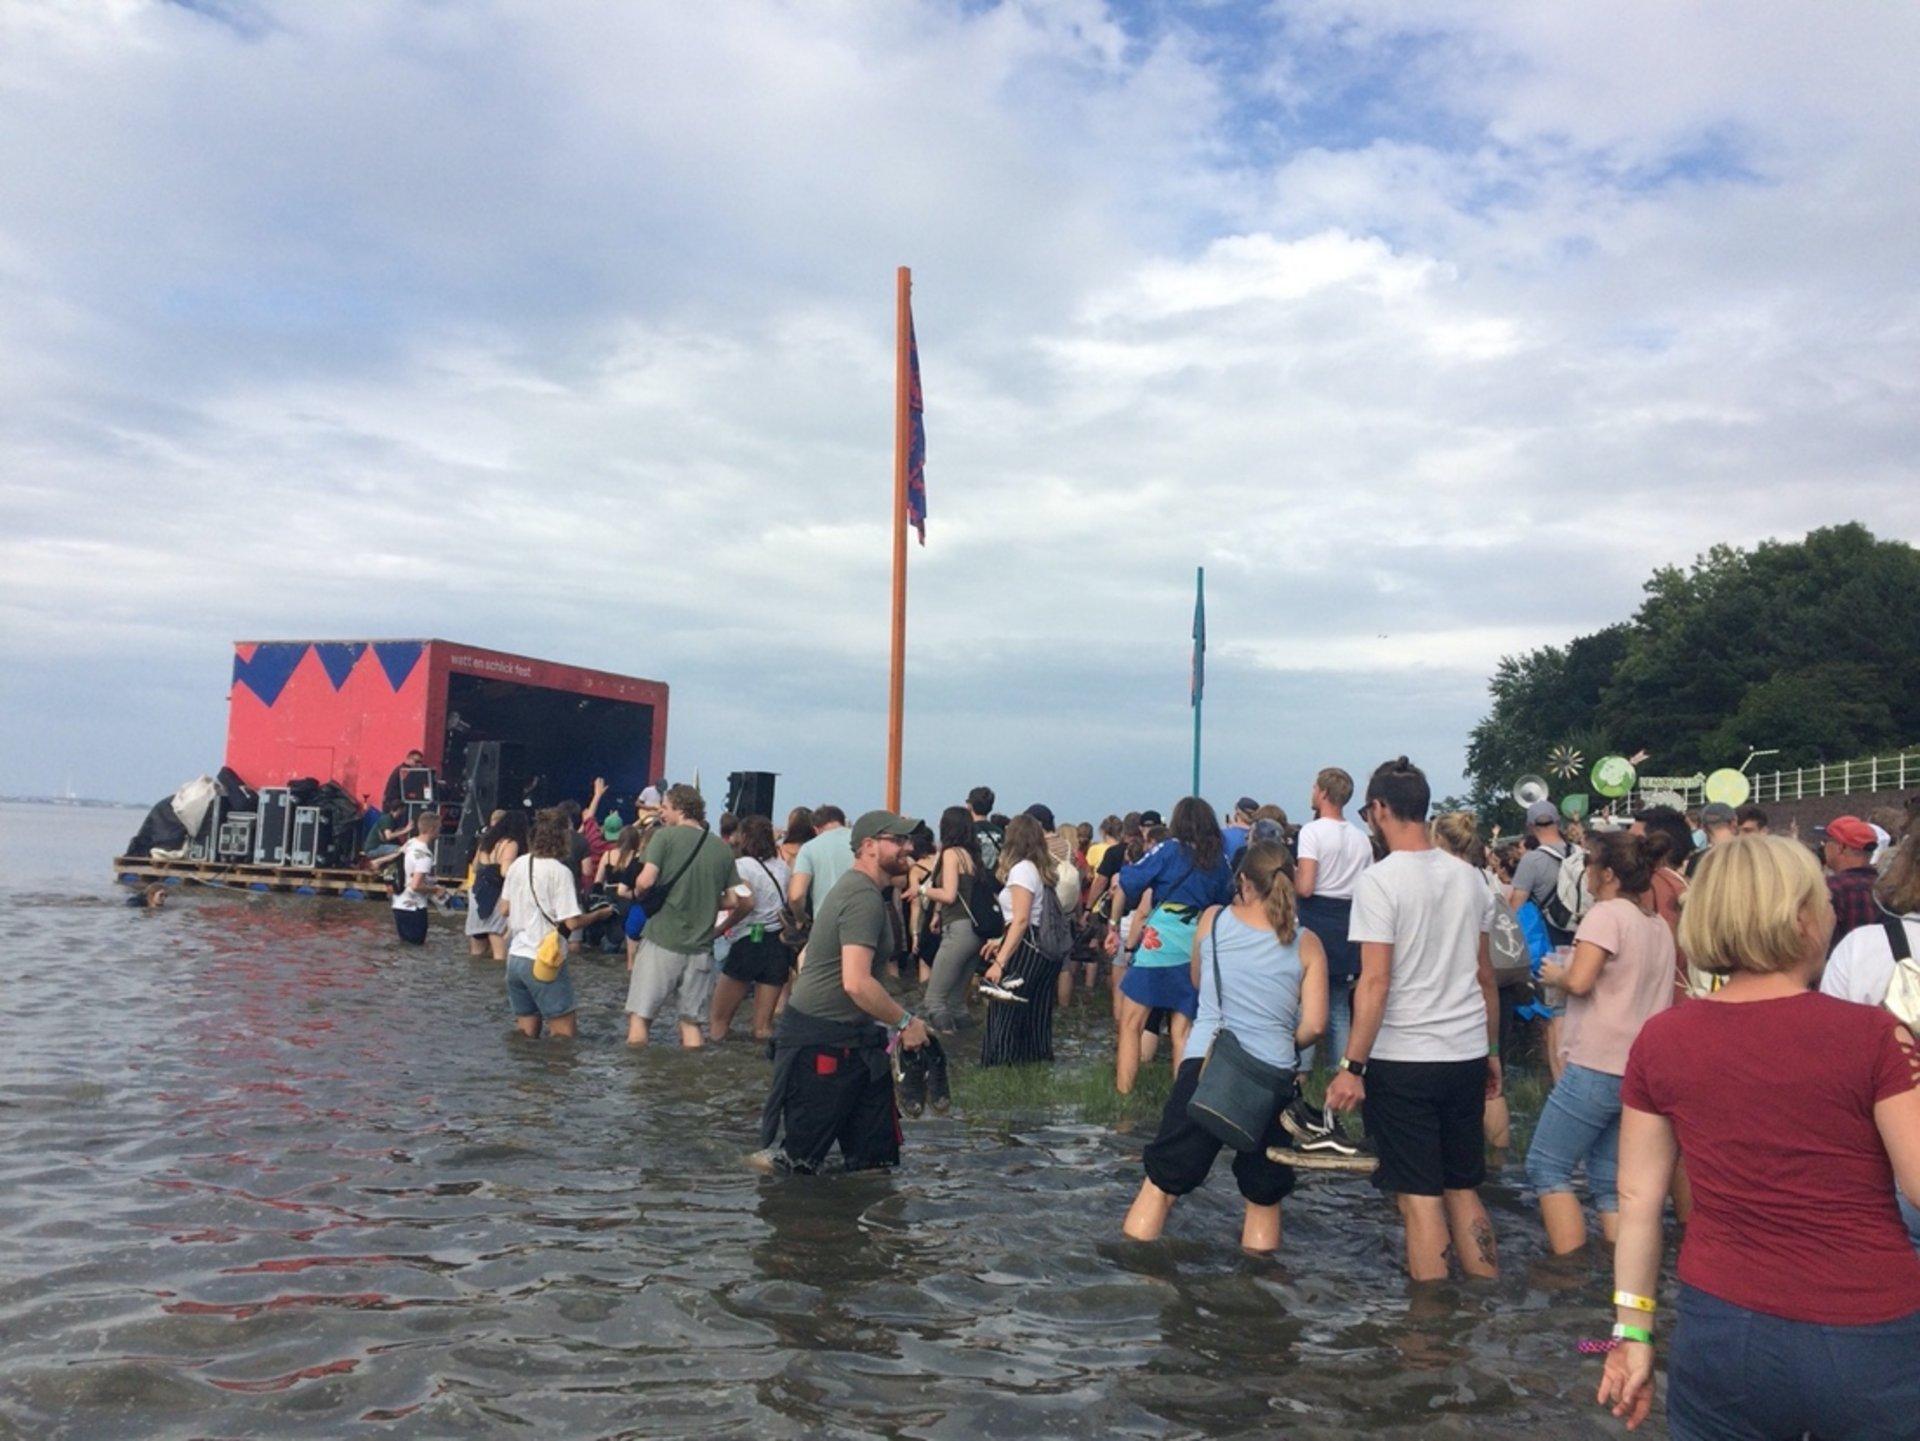 Eine Gruppe Menschen feiert vor einer Bühne, die ins Wasser gebaut ist